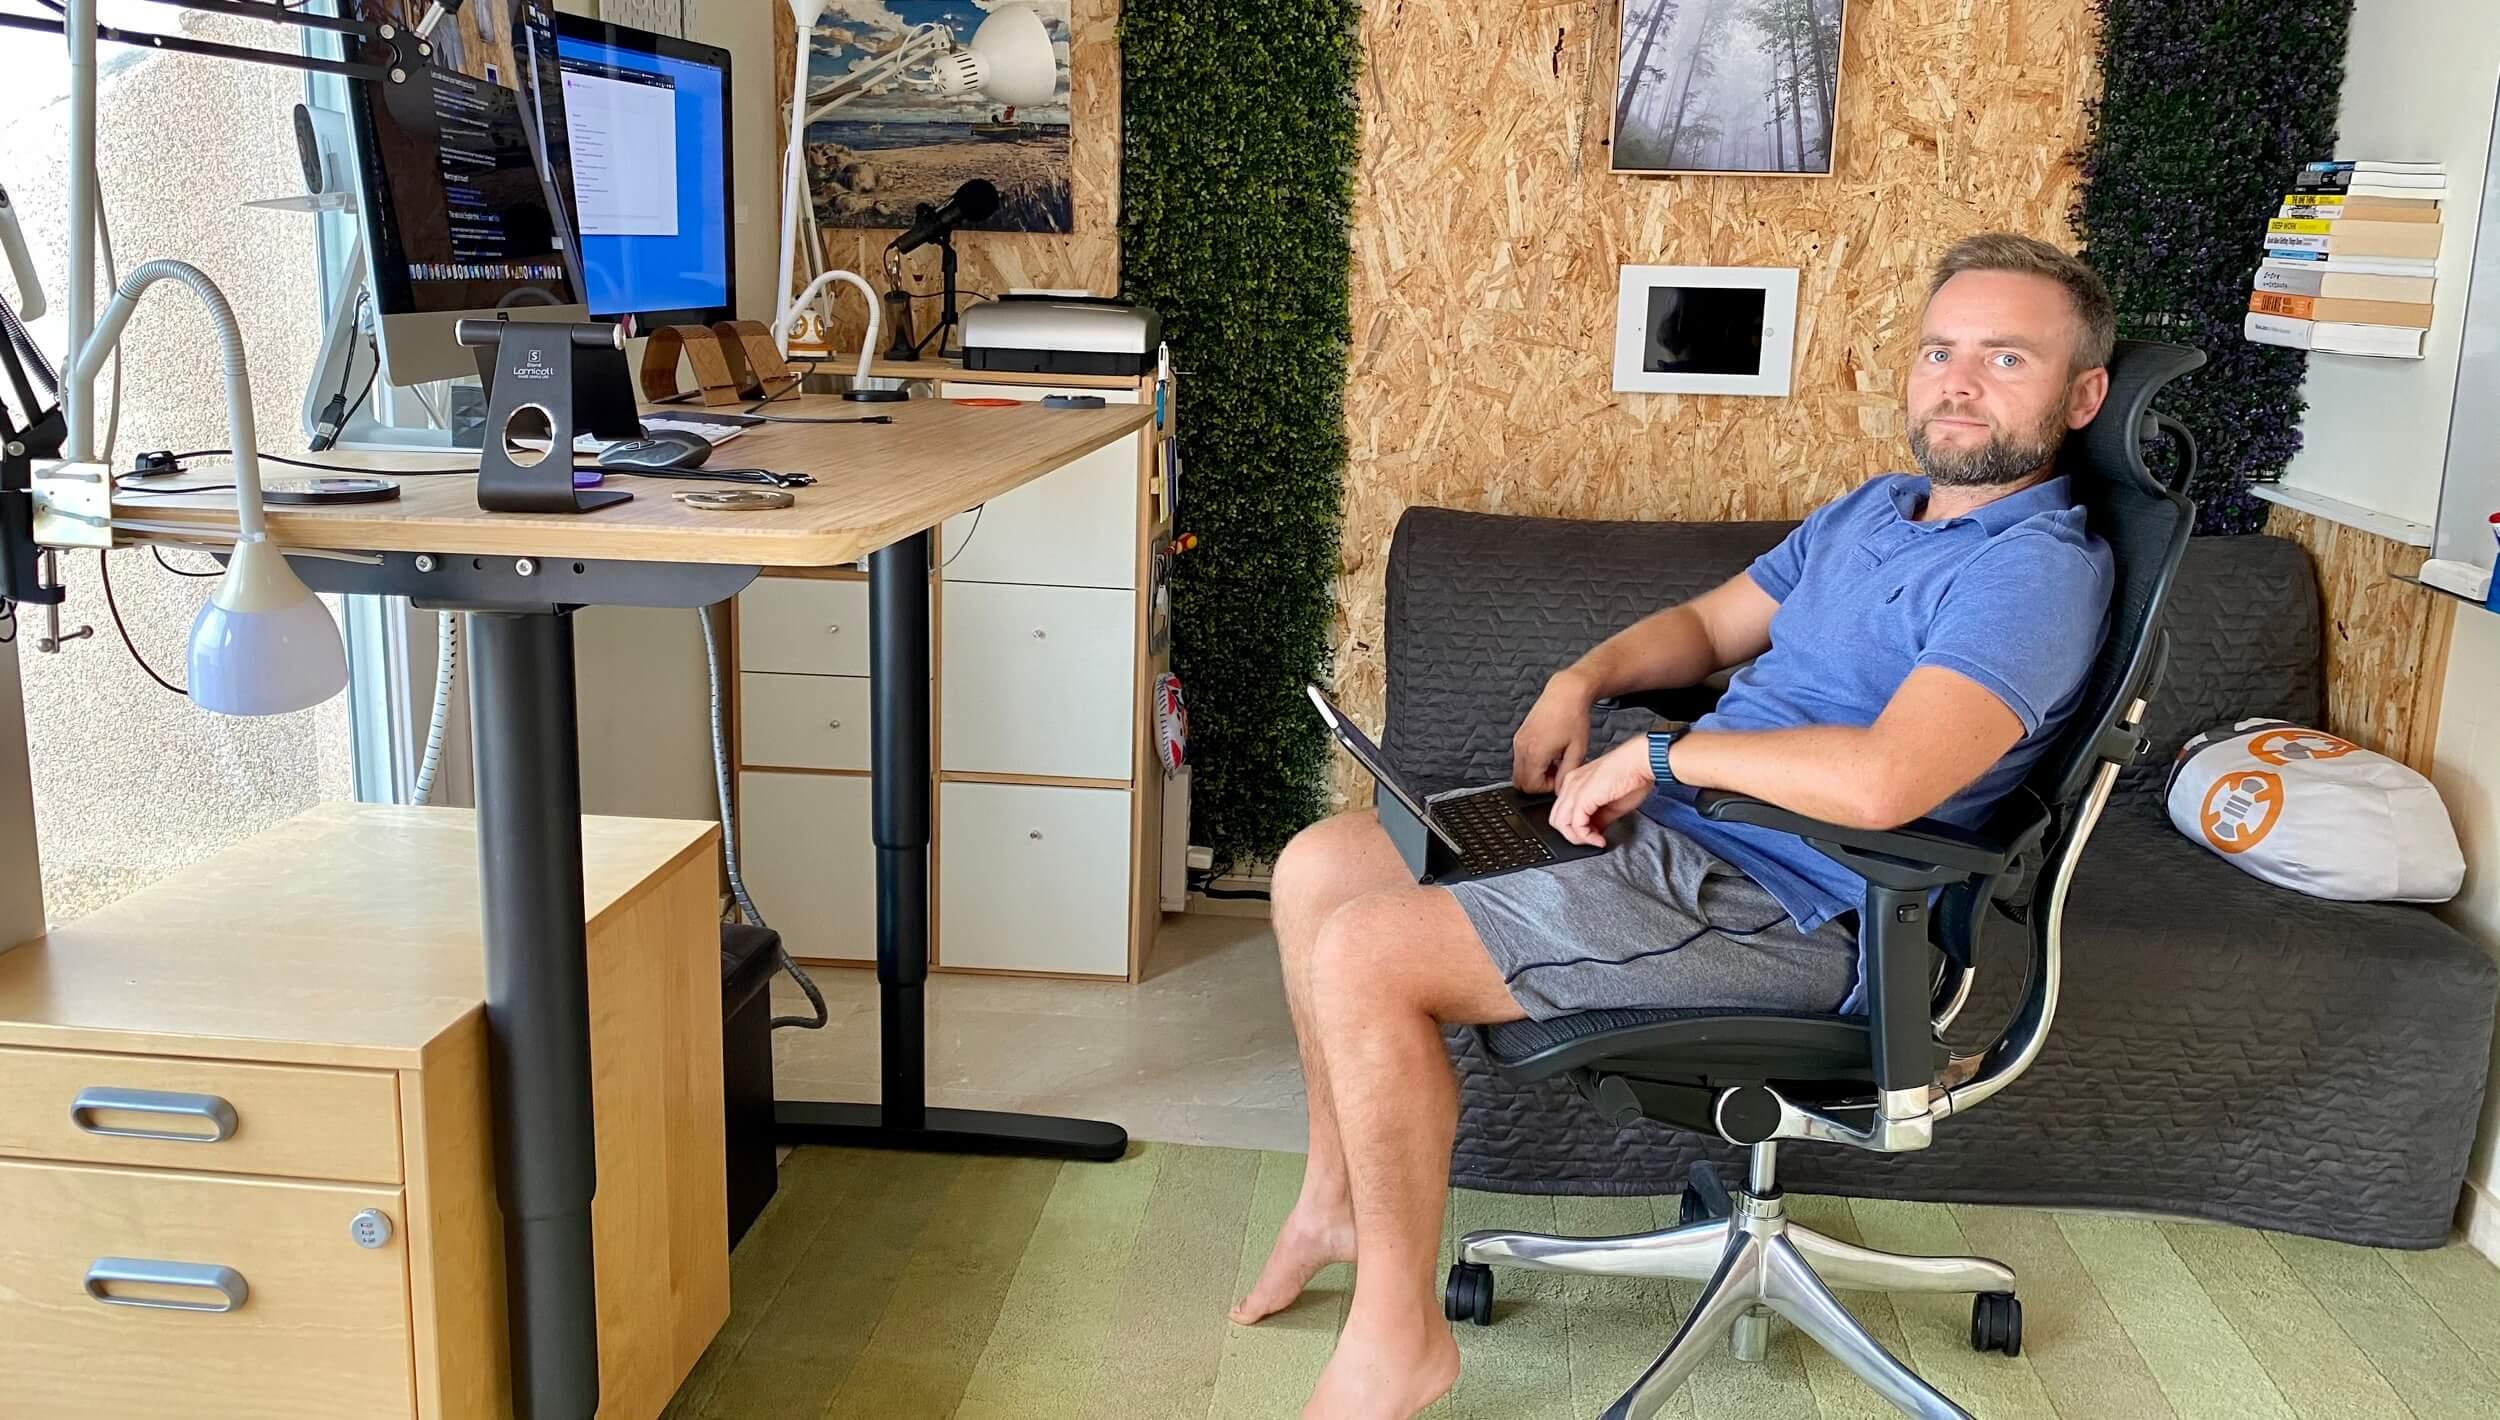 Polecam wygodny fotel i biurko do stania w pracy i biurze domowym